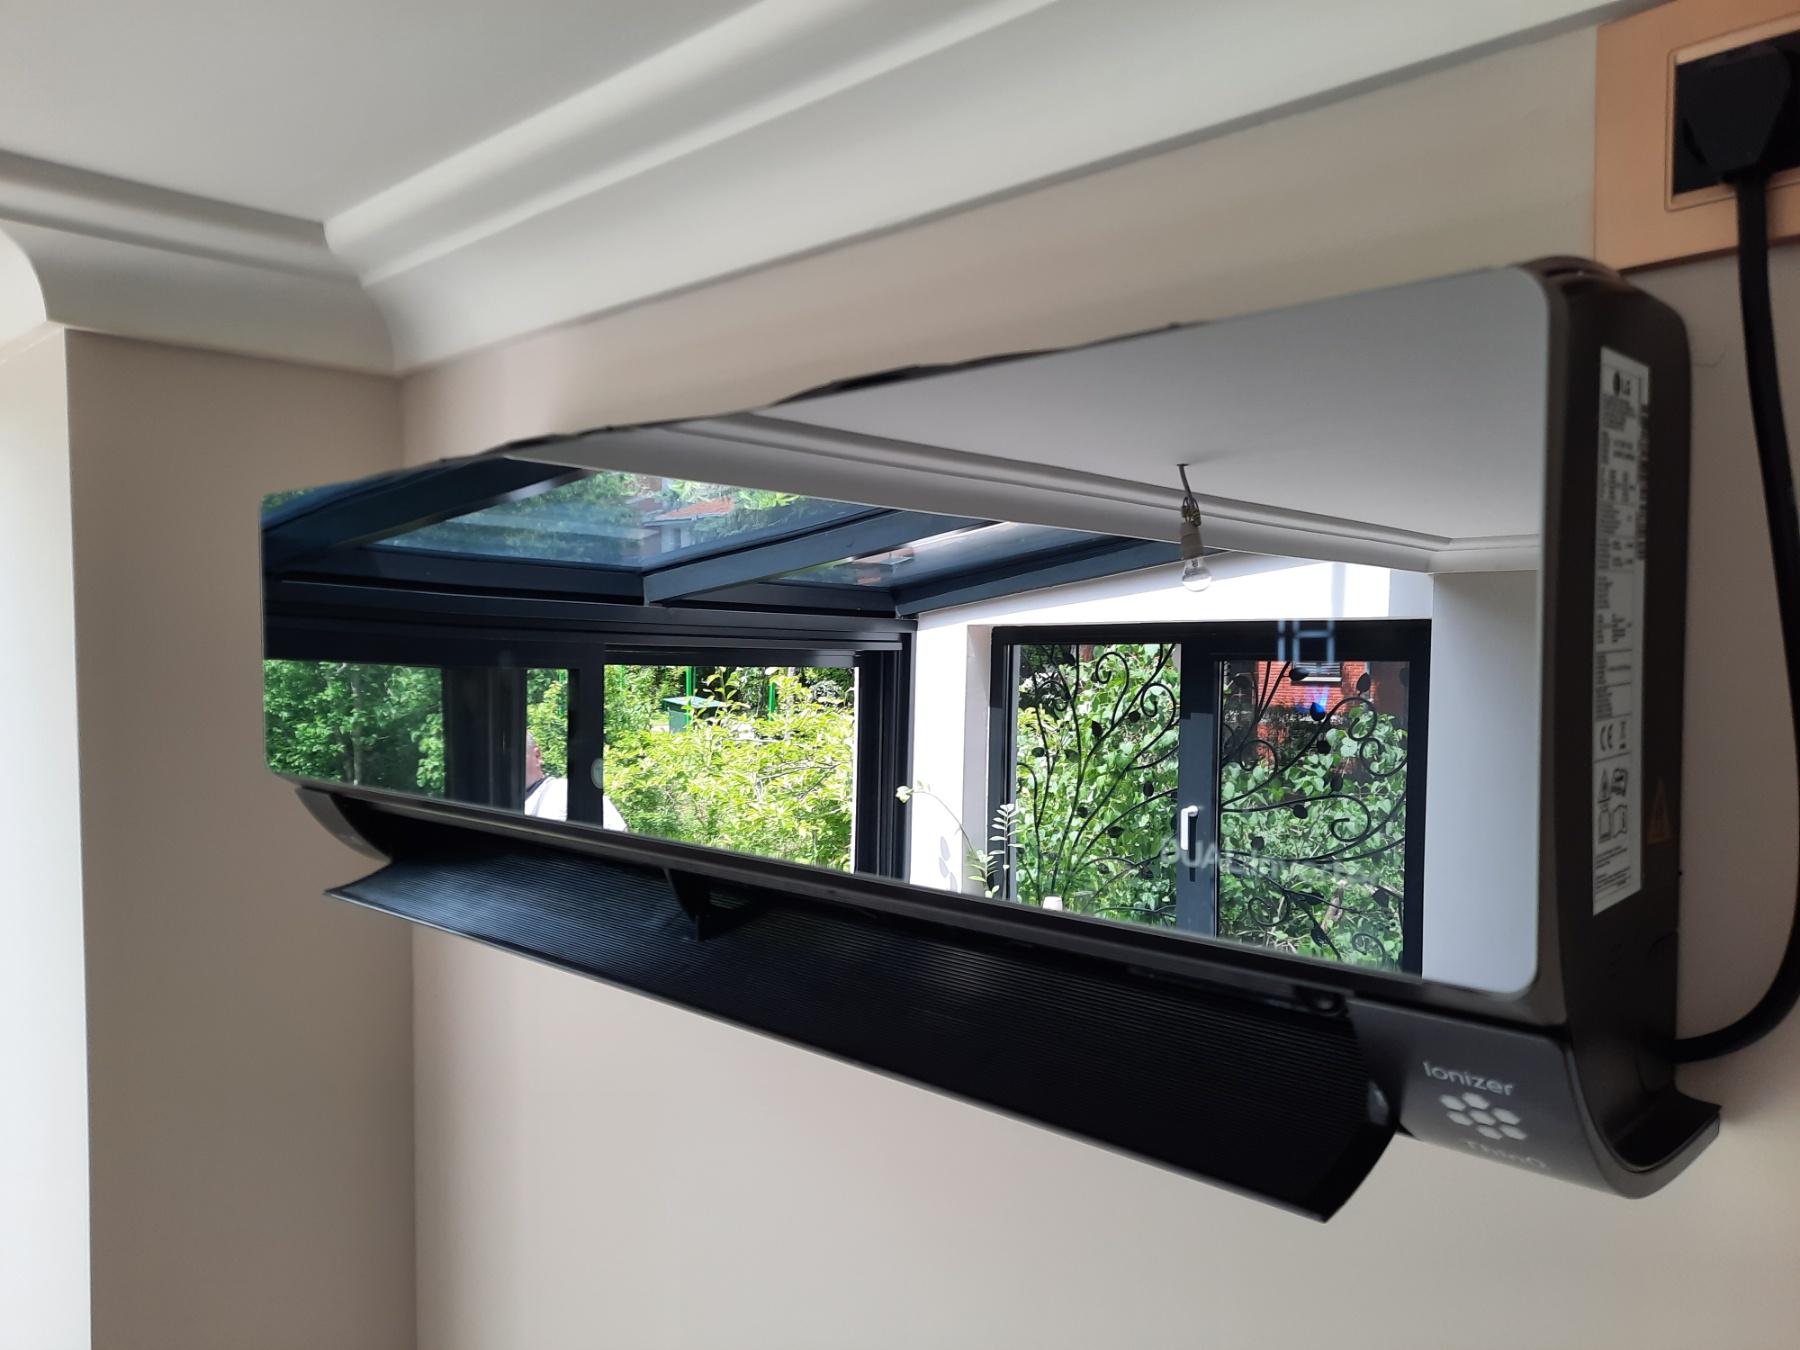 Rezidencijalni klima uređaji